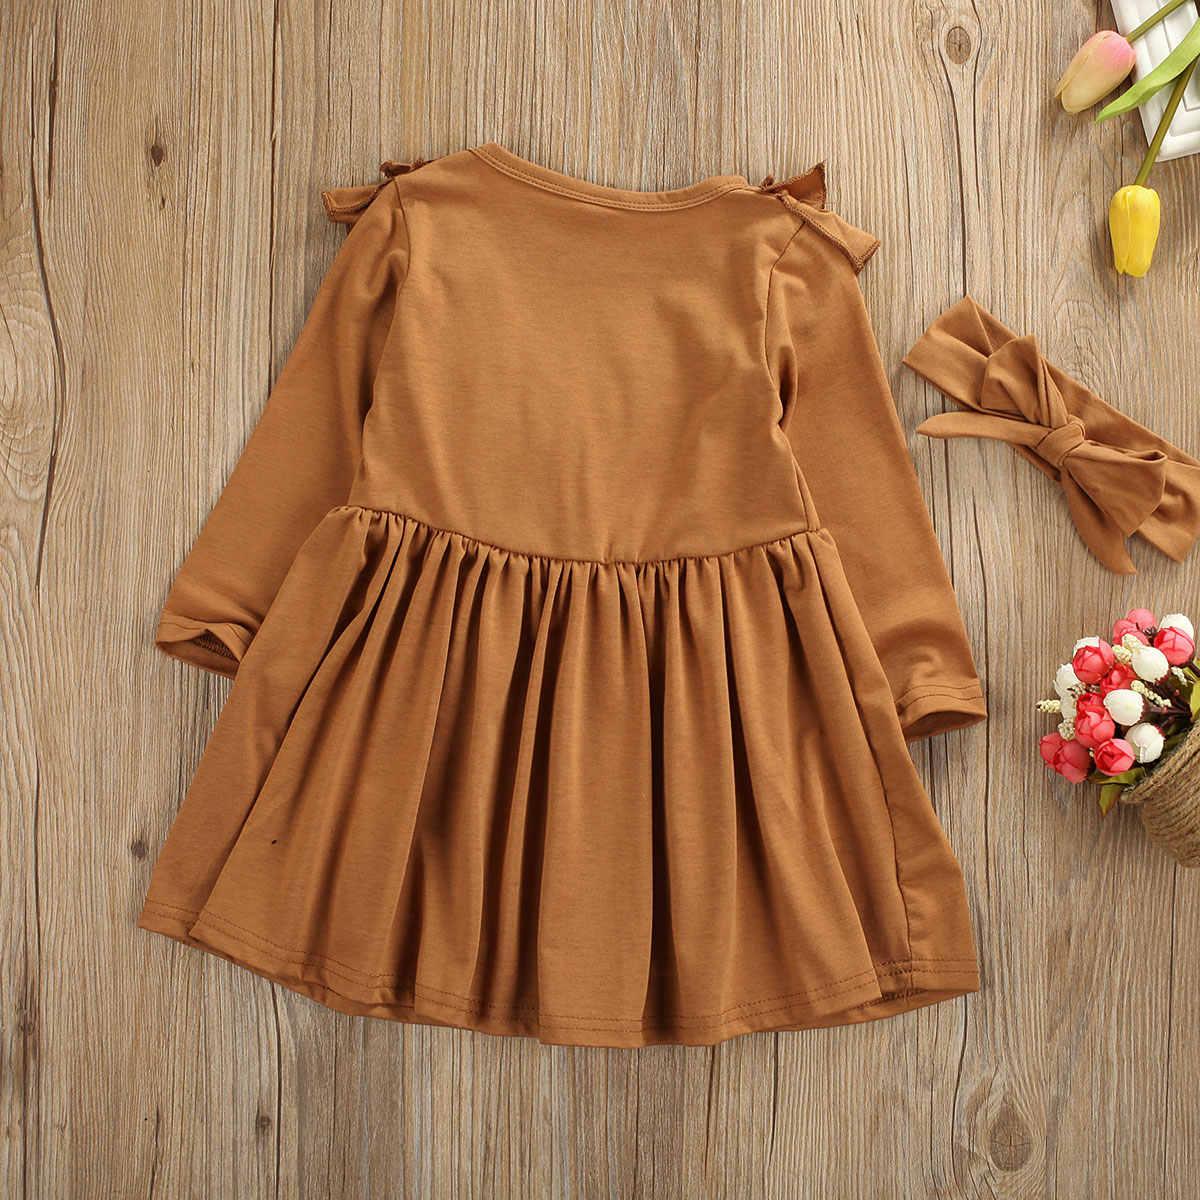 1-6Y طفل أطفال طفل الفتيات فستان الكشكشة كم طويل الصلبة حفلة فستان كاجوال عقال ملابس وتتسابق